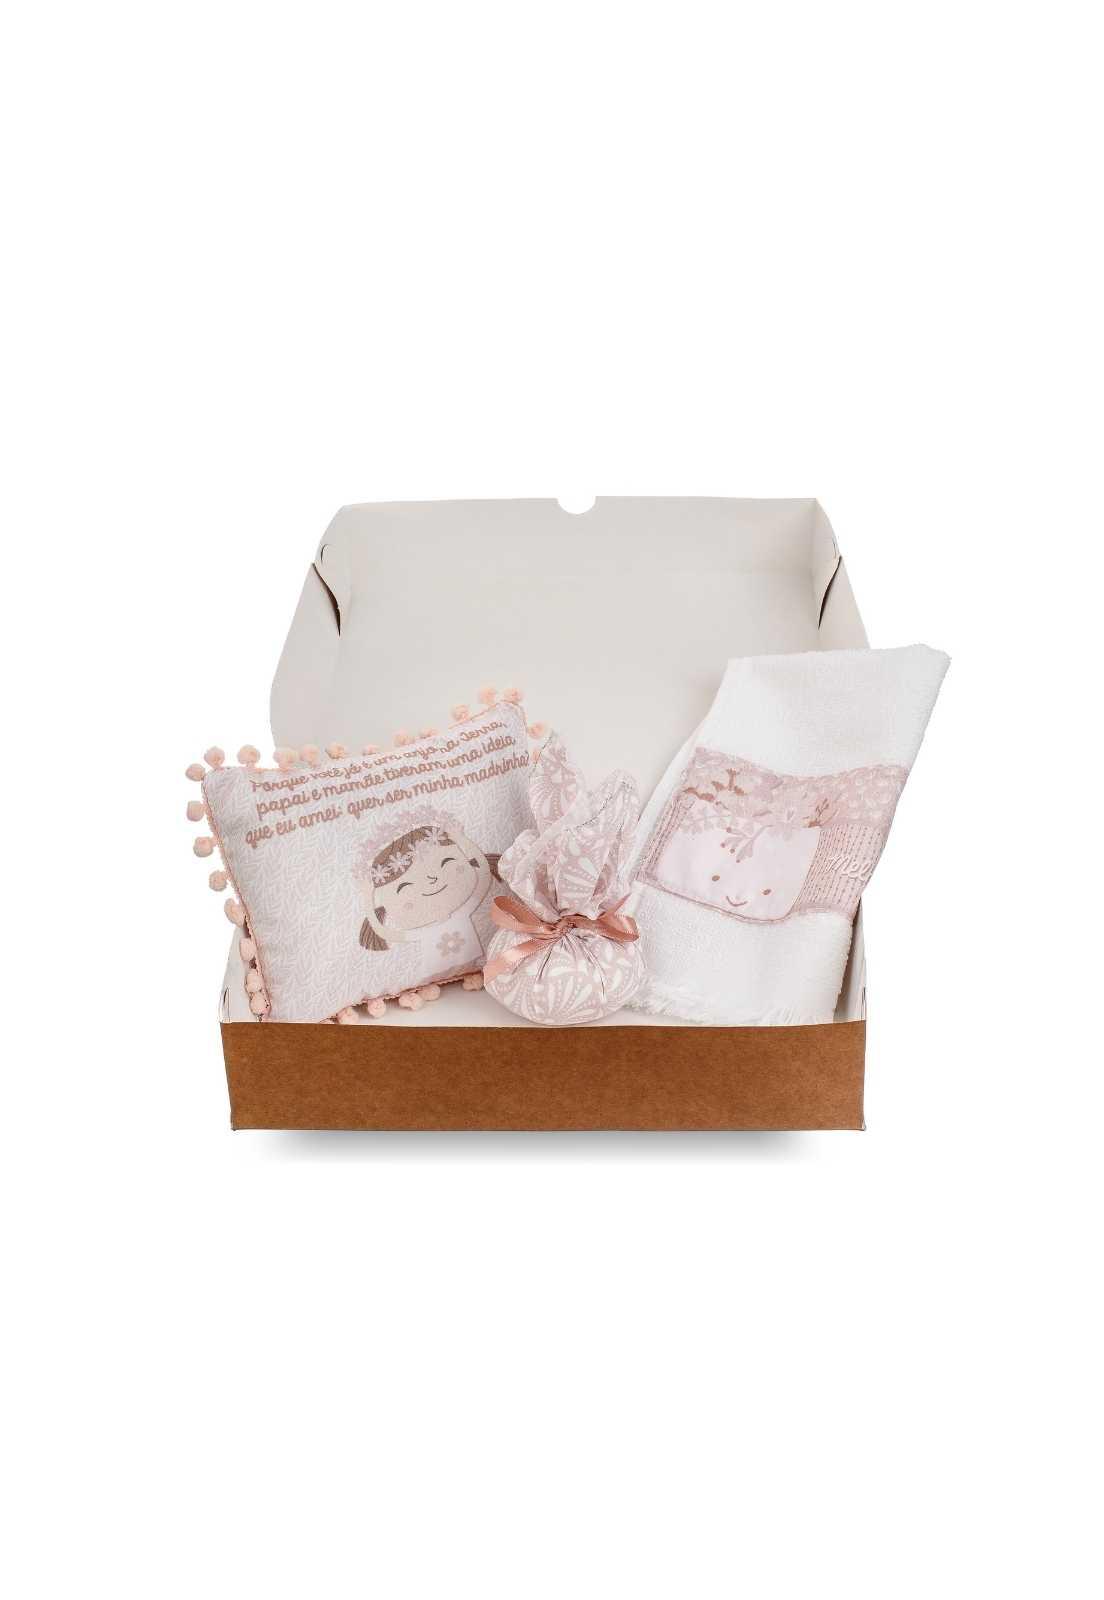 Kit Dindo - Almofadinha, Sachê e Toalha de Mão - Coleção Borboletinhas